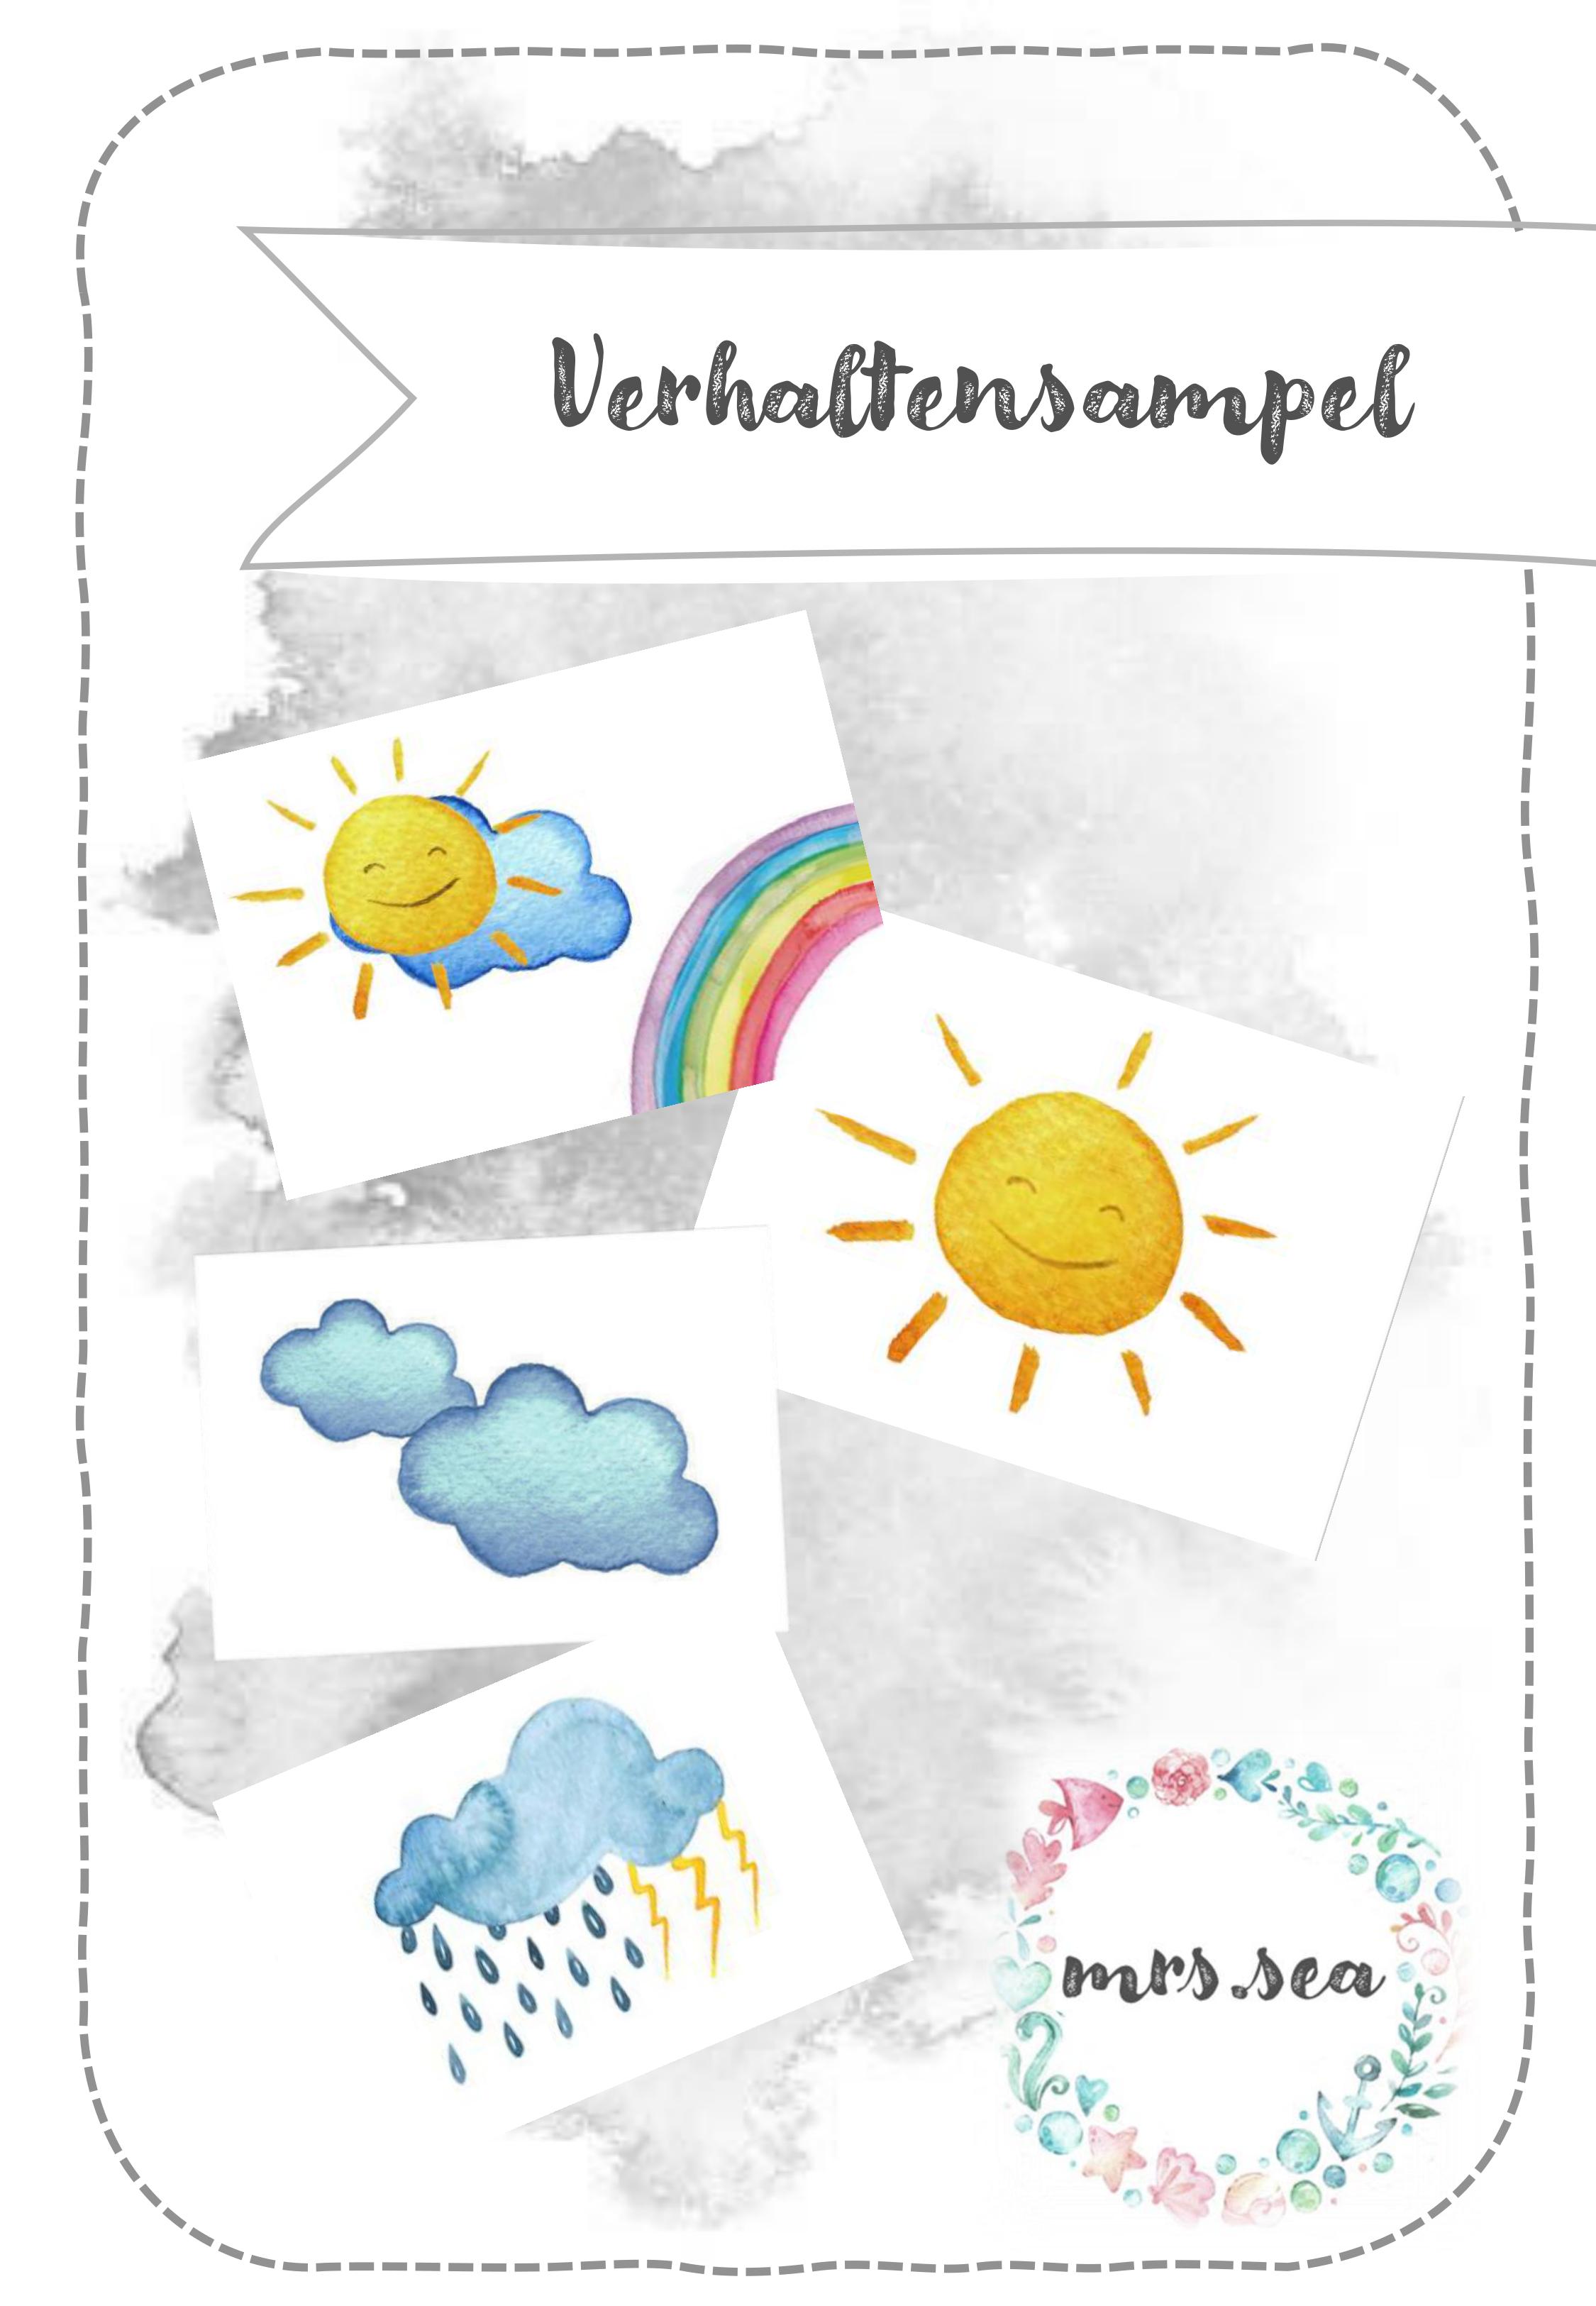 Verhaltensampel Sonnenschein Regenbogen Wolken In 2020 Kindergartenbeginn Sachunterricht Grundschule Vorschulideen